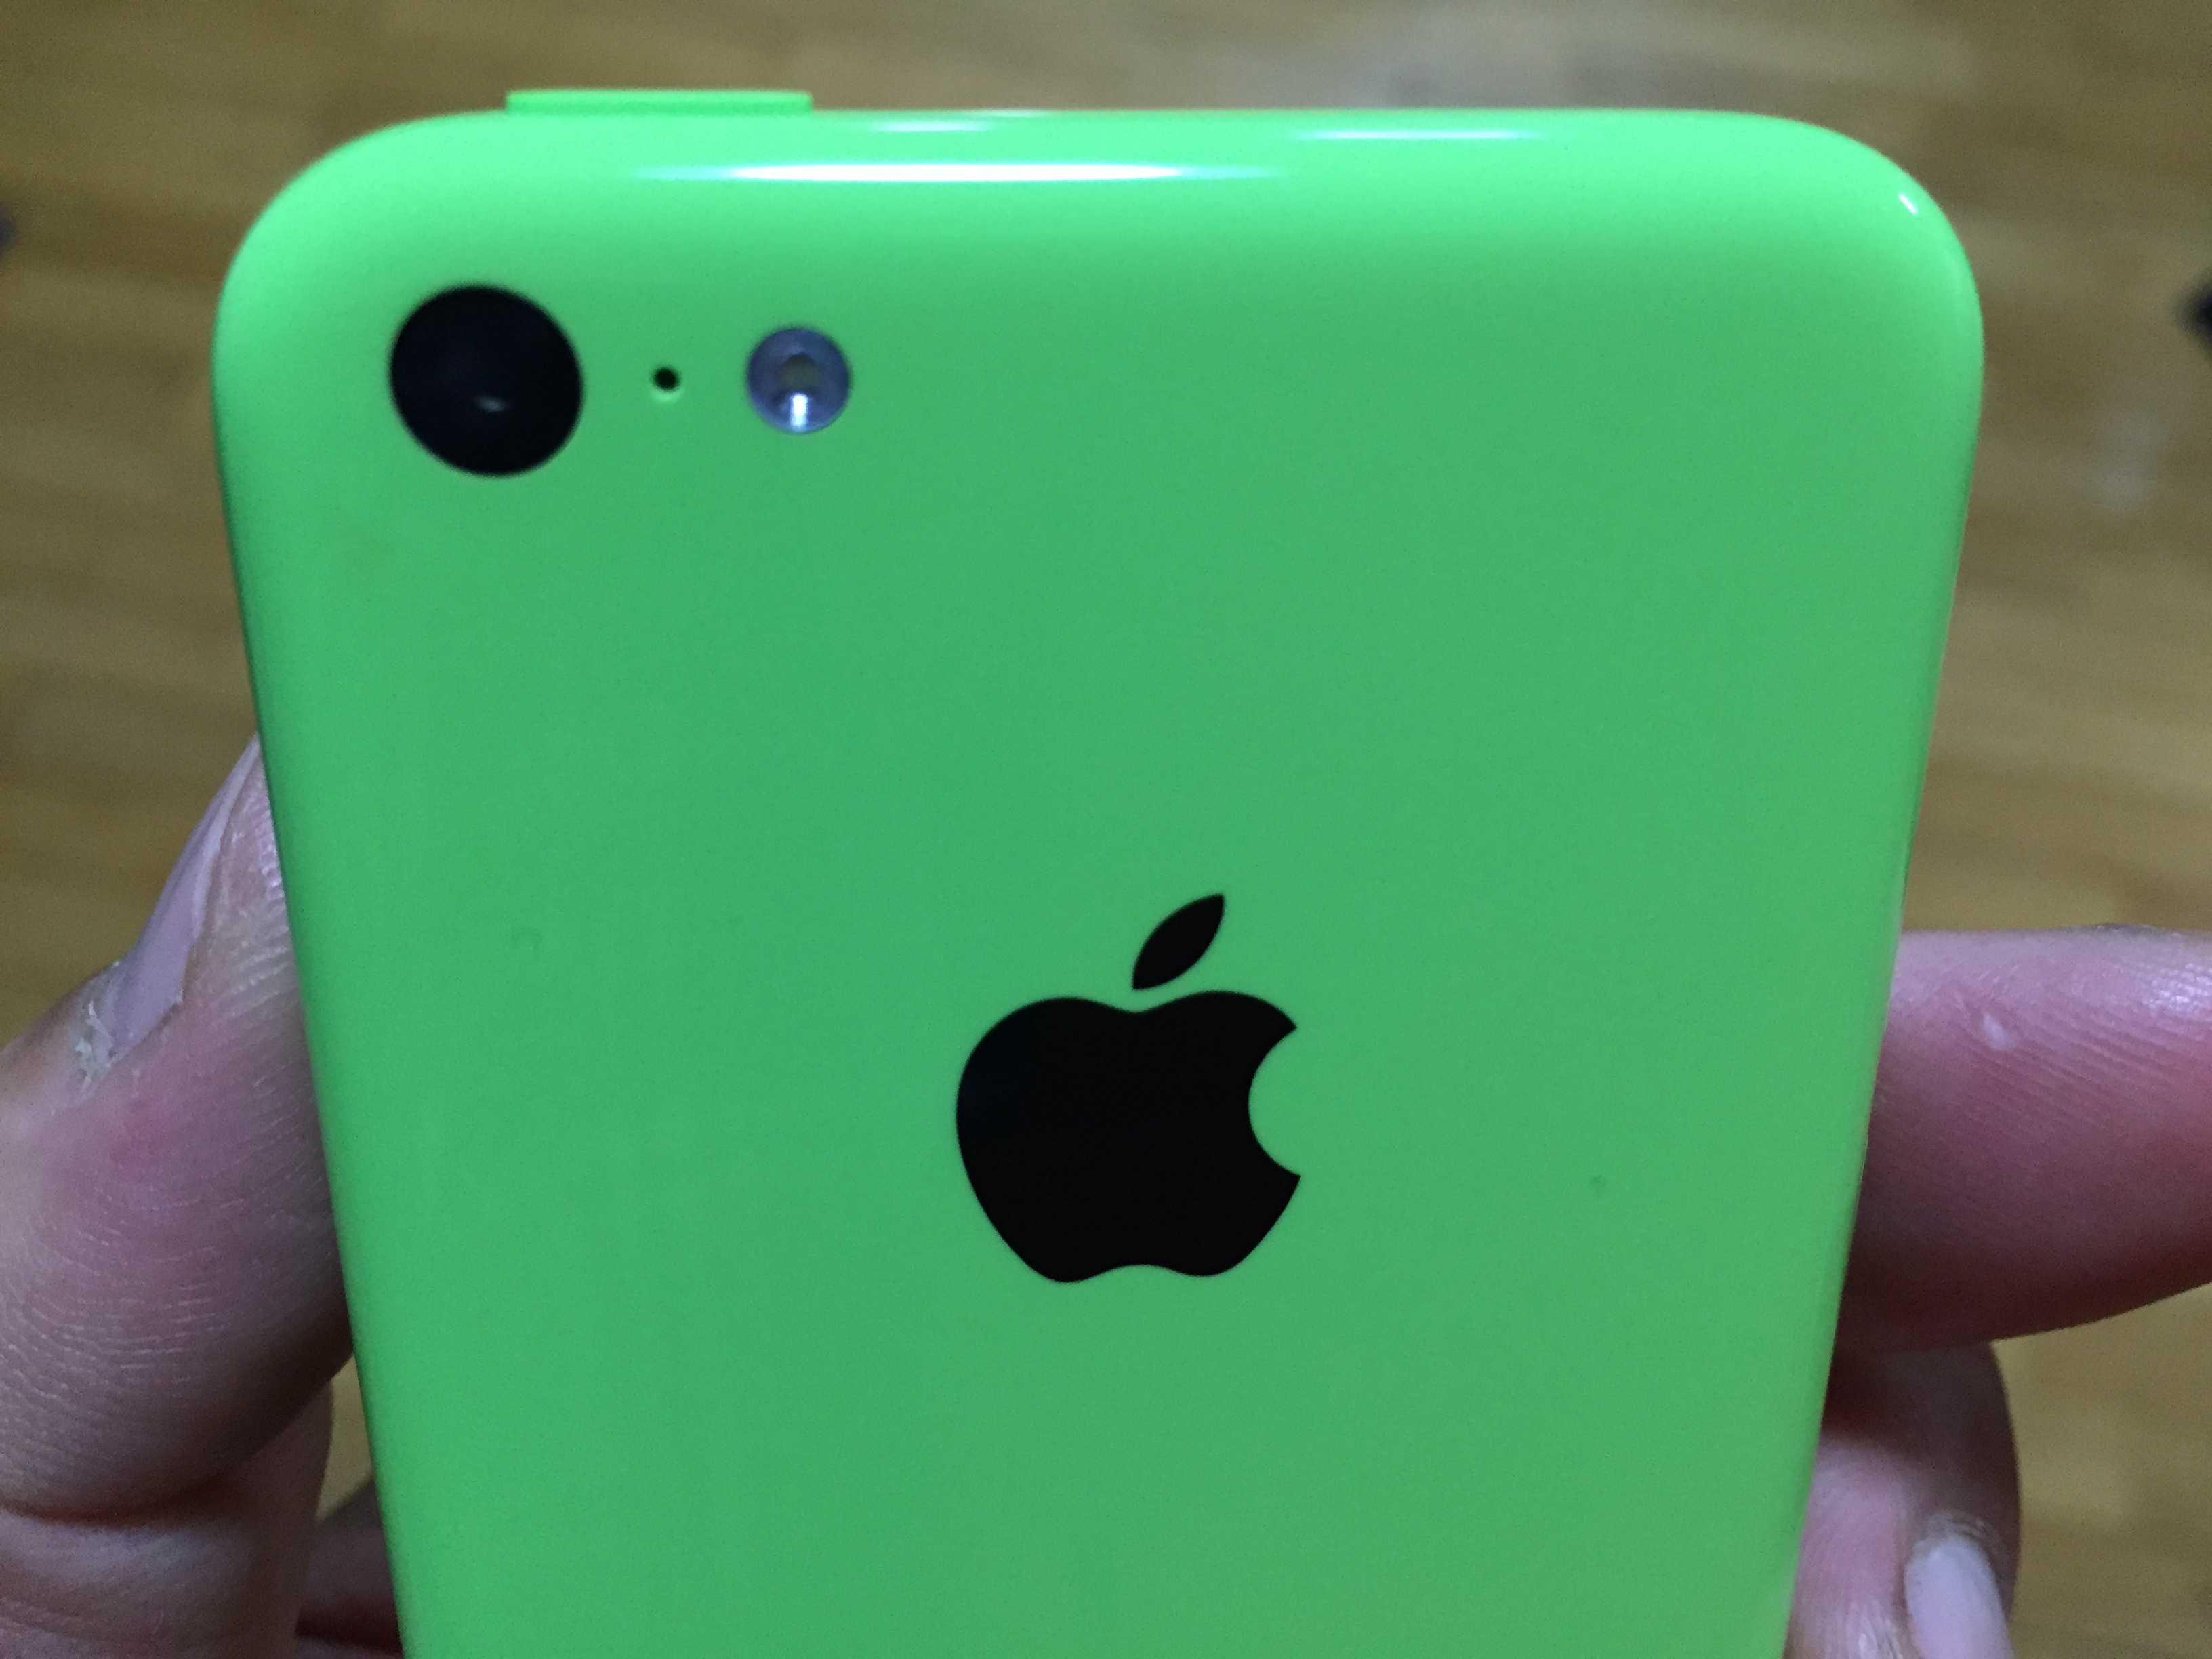 緑の iPhone 5c